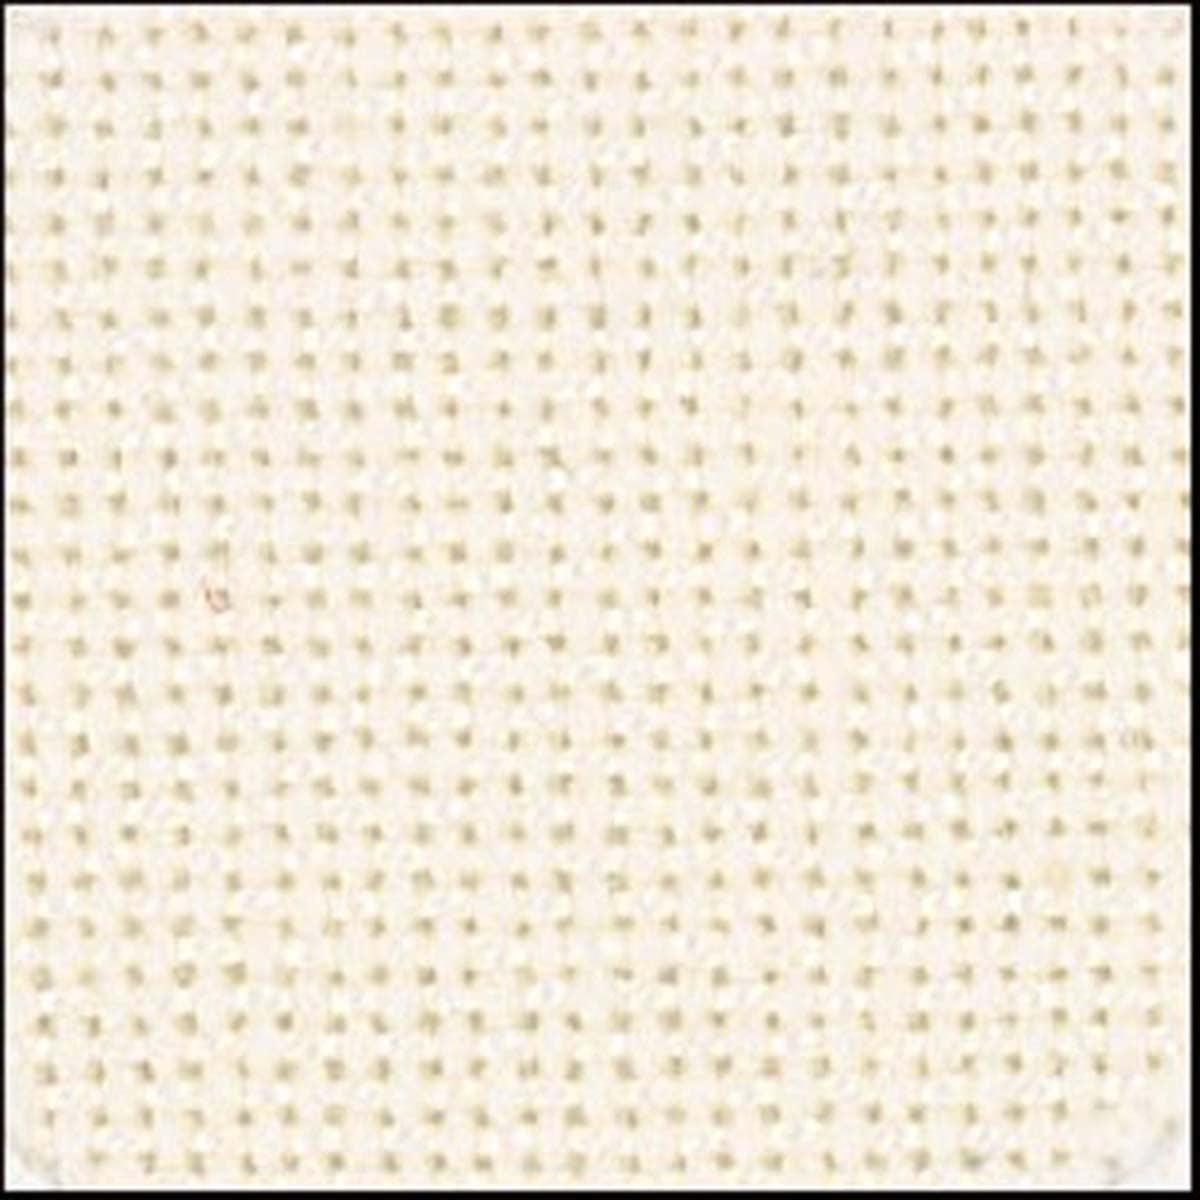 Wichelt Imports, Inc. 28-Ct. Jobelan Needlework Fabric